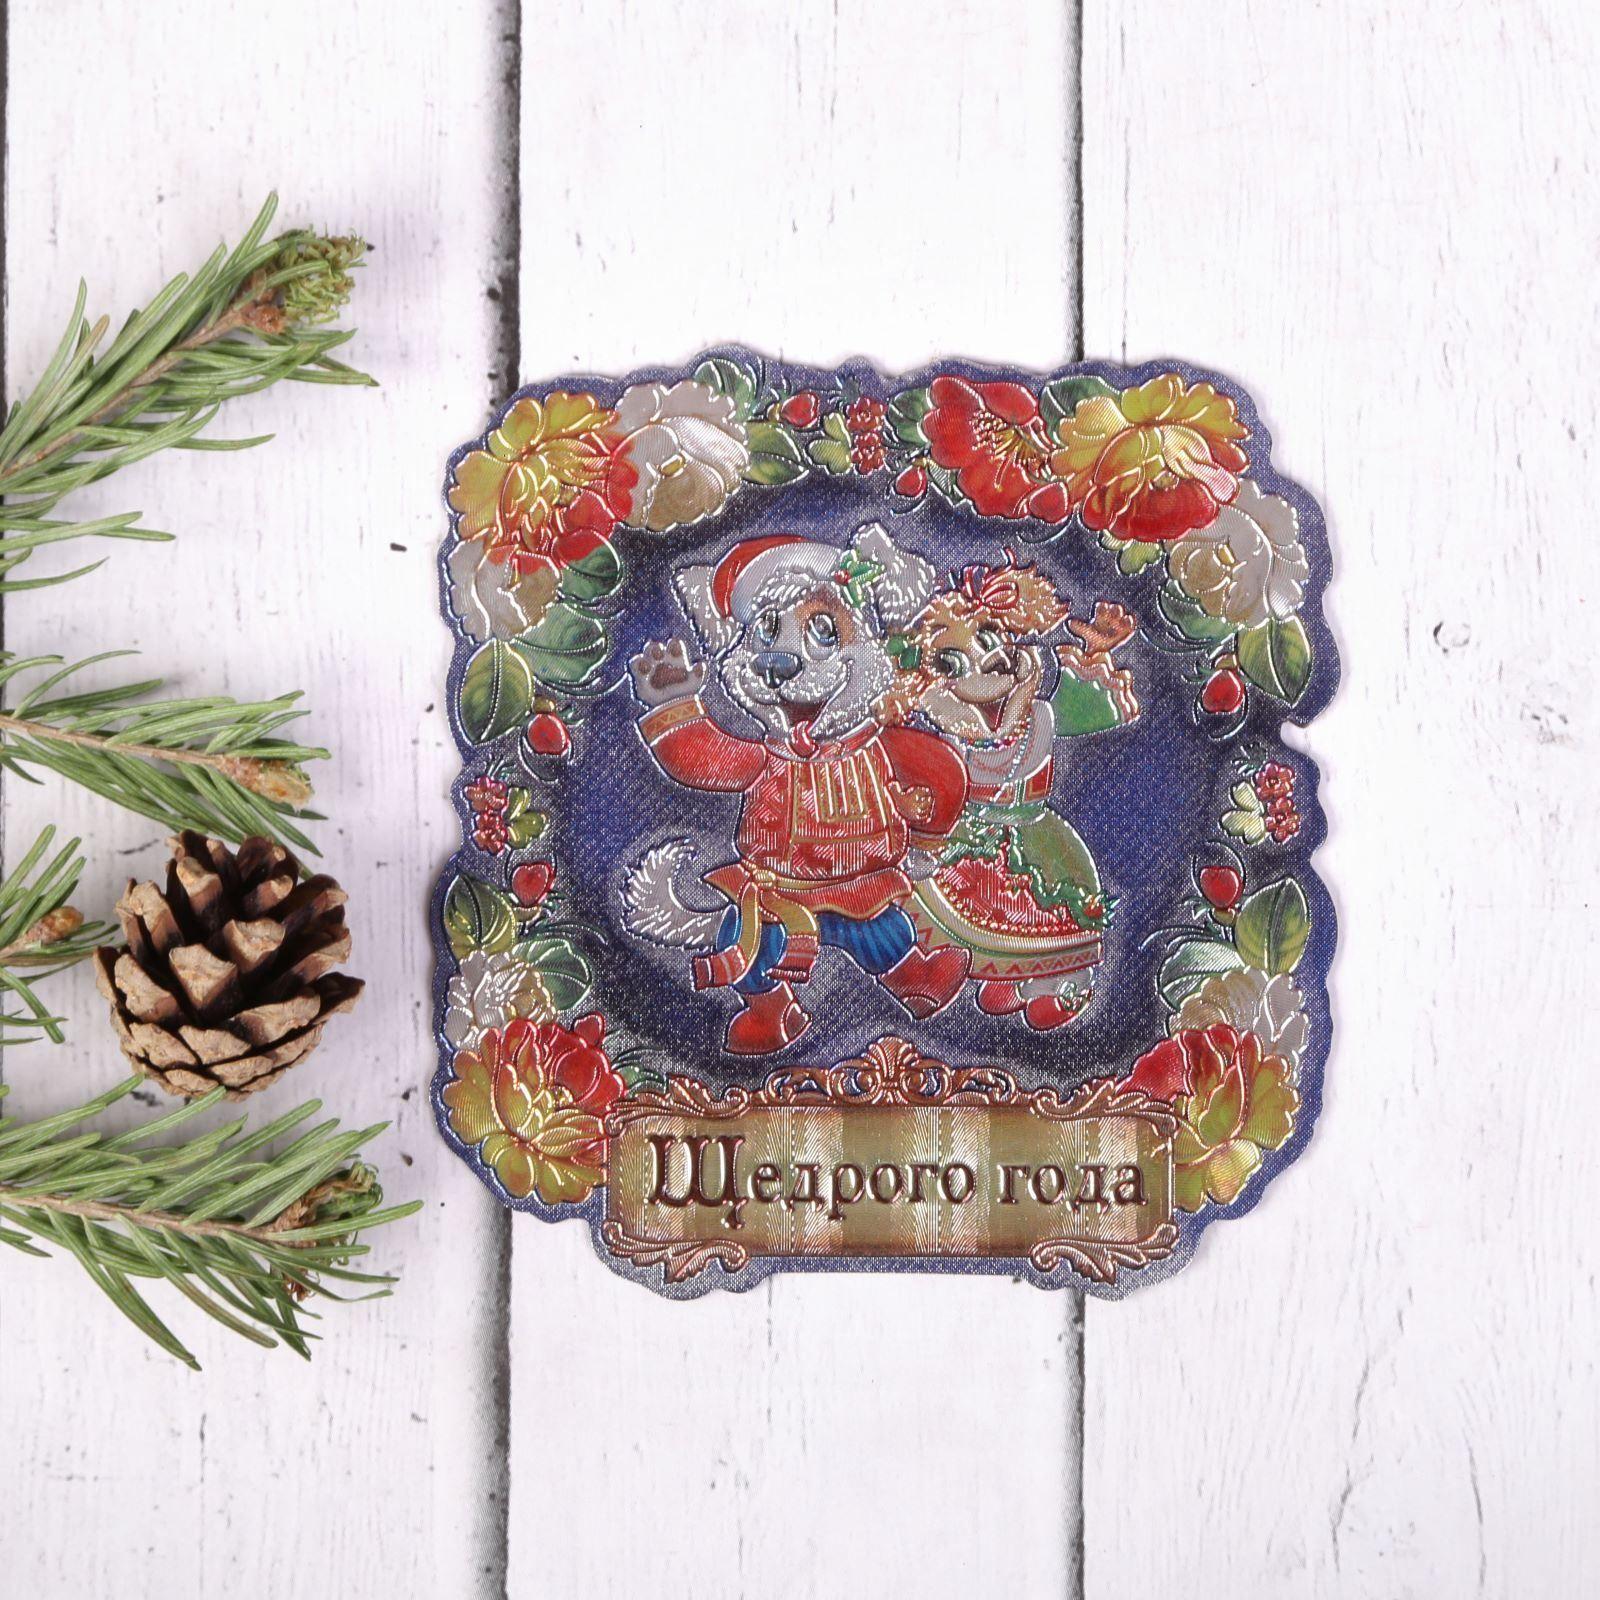 Магнит Sima-land Щедрого года, 7,5 х 8 см2299629Порадуйте родных и близких оригинальным сувениром: преподнесите в подарок магнит. С ним даже самый серьёзный человек почувствует себя ребёнком, ожидающим чудо! Создайте праздничное настроение, и оно останется с вами на весь год.